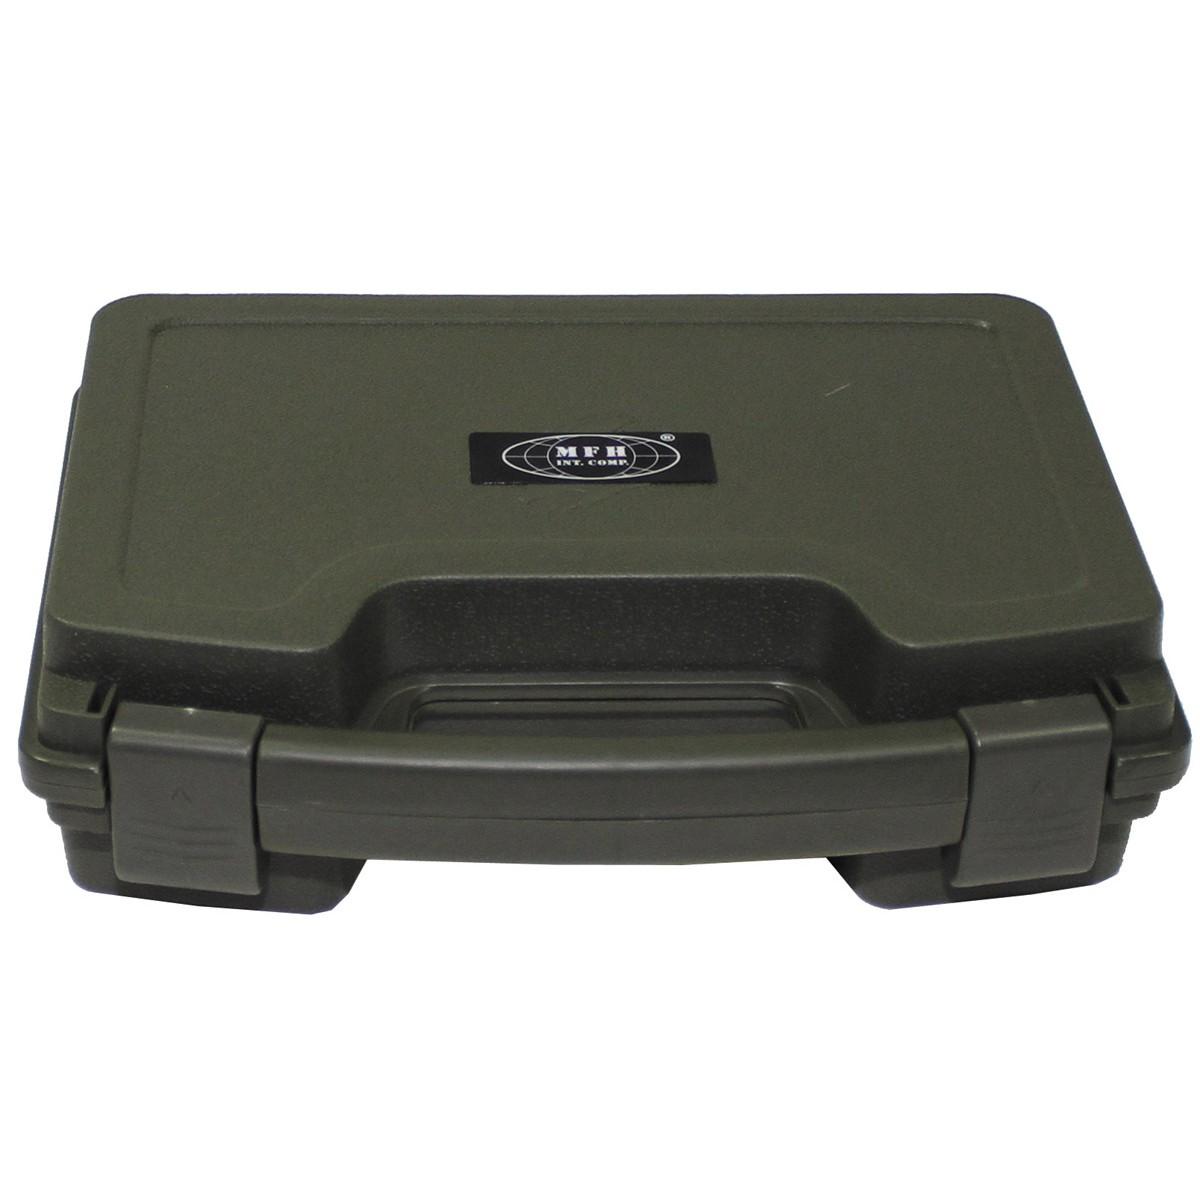 Pistolen Waffen Koffer Taschen Kunststoff gefüttert abschliessbar NEU !